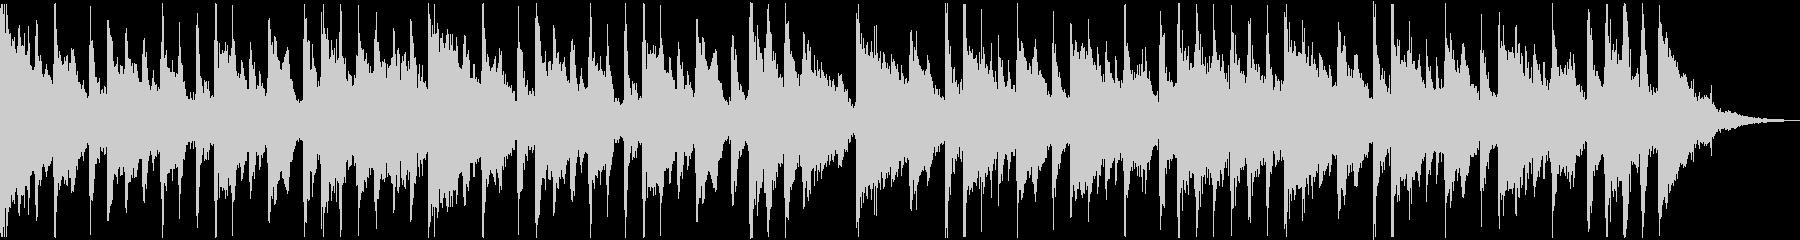 クラシカルなゴシックホラーワルツの未再生の波形